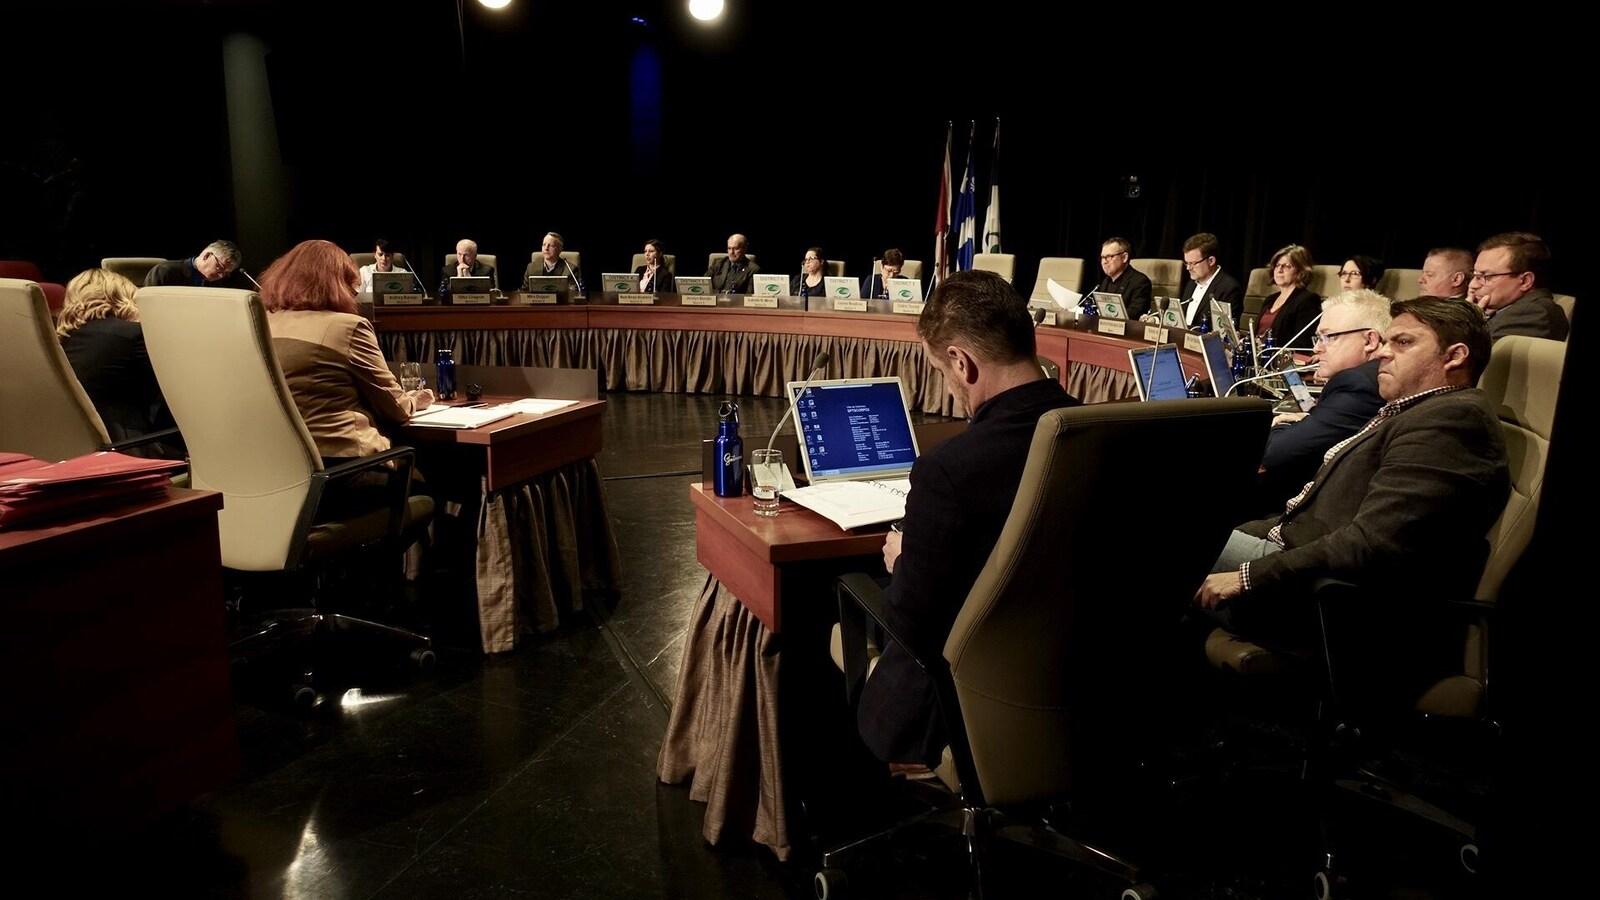 Des politiciens assis autour d'une grande table en forme de demi-cercle.